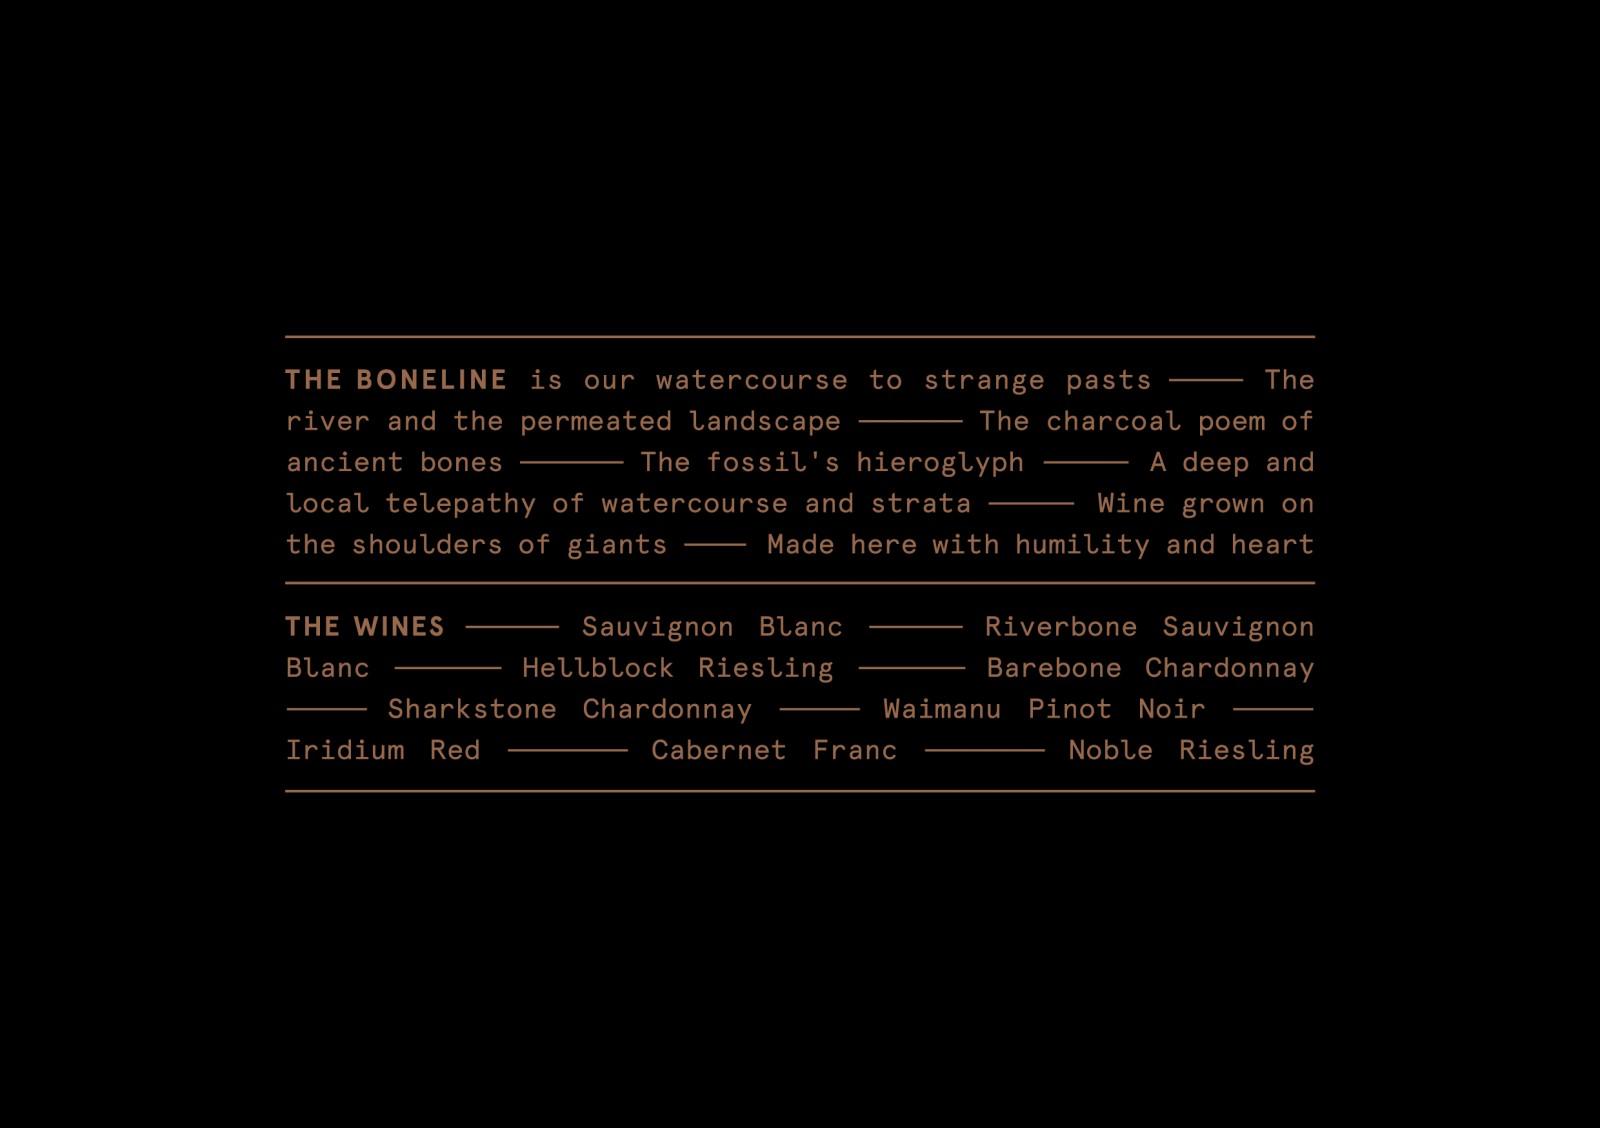 Boneline-Identity_2-1600x1128